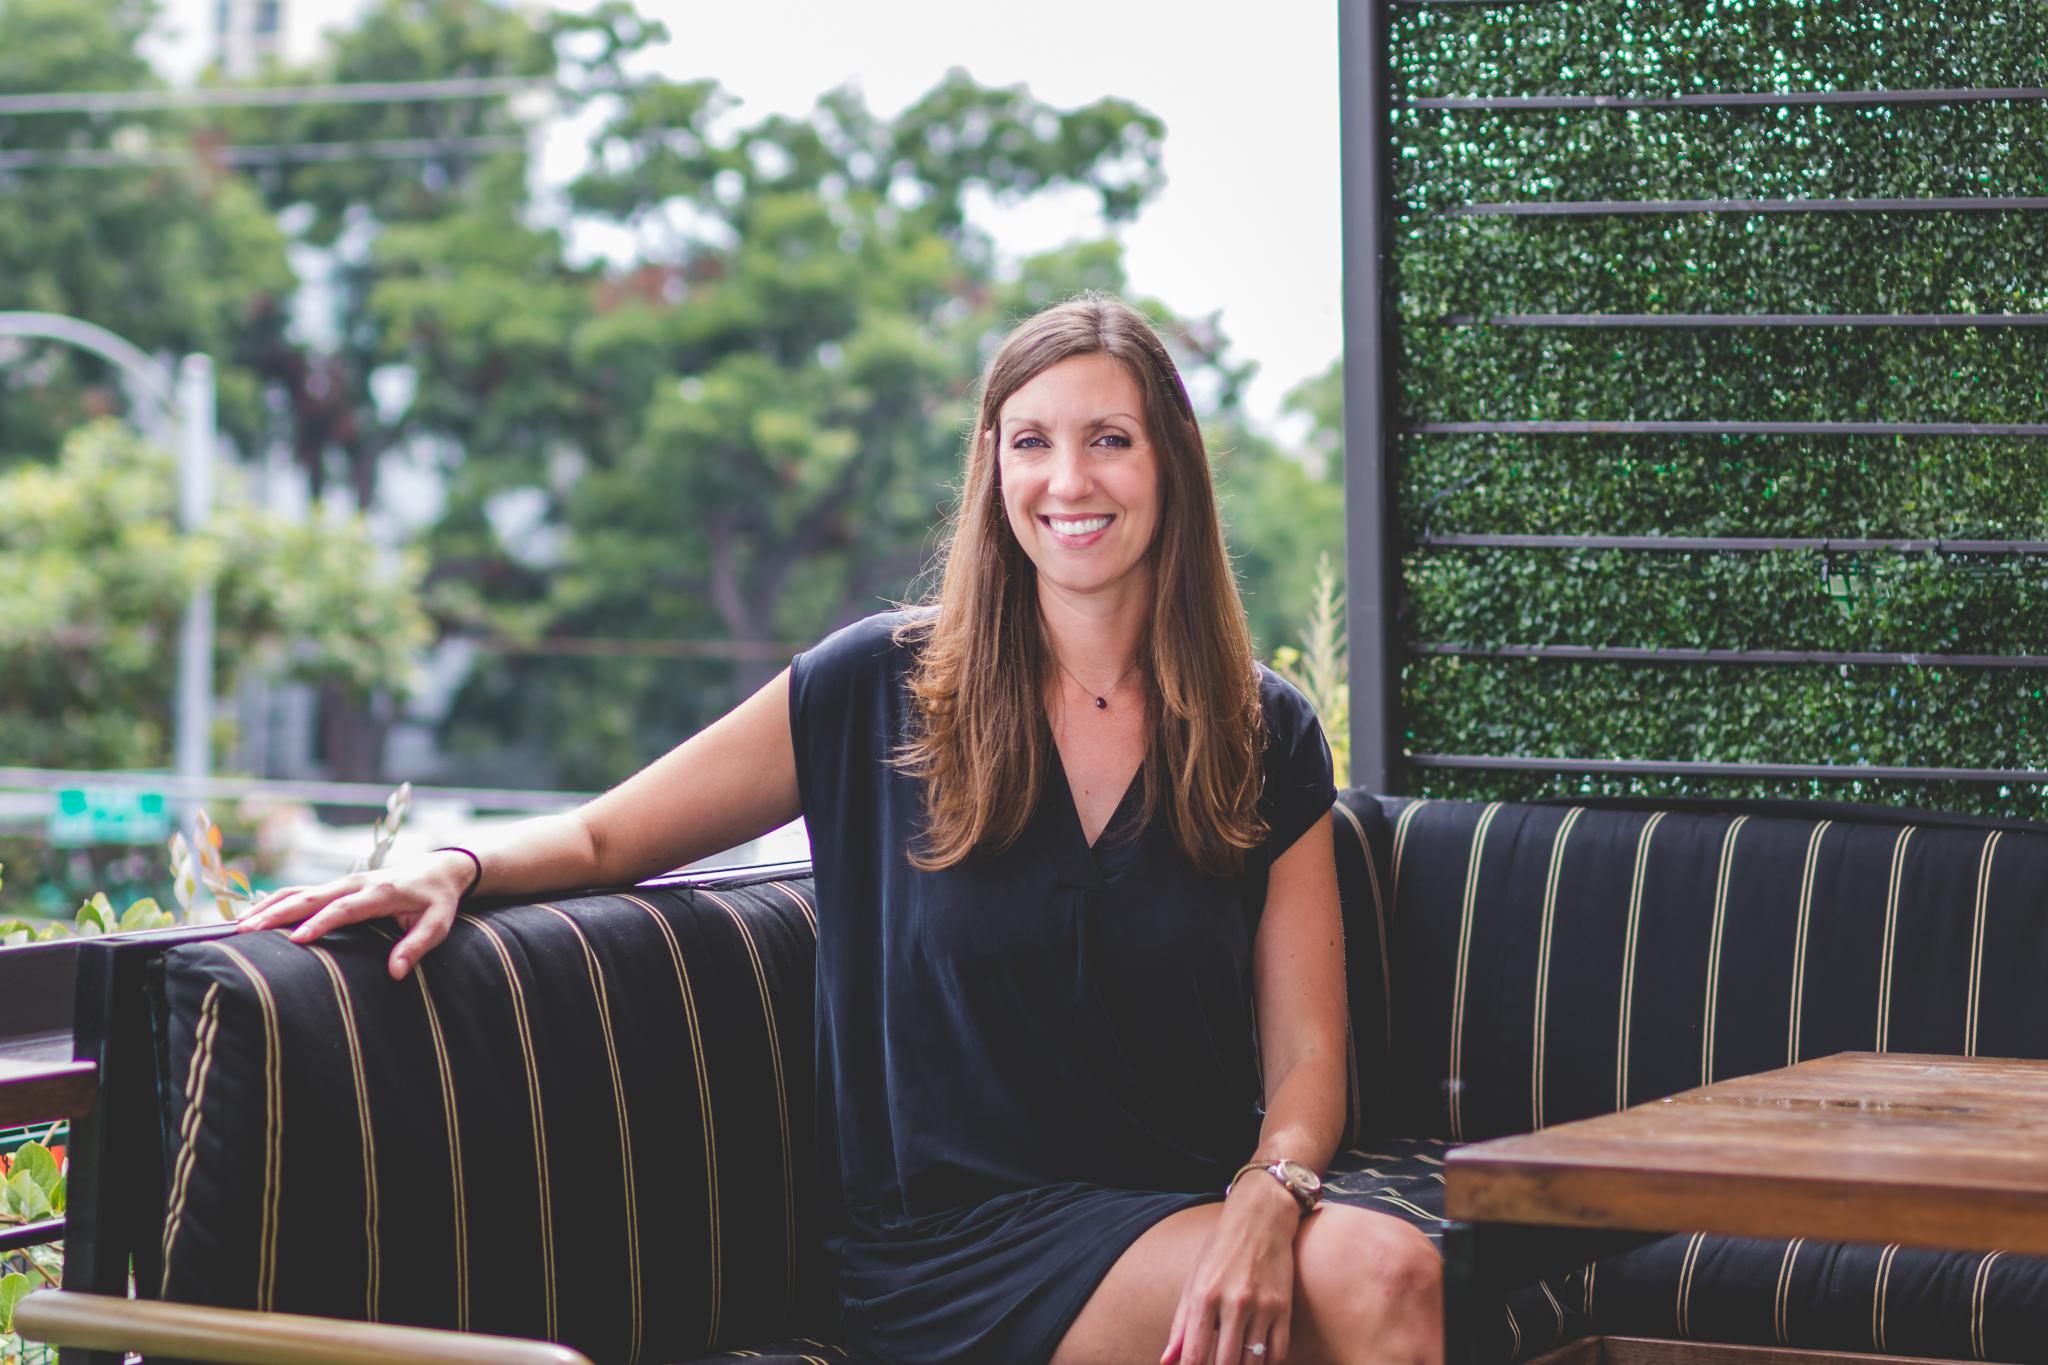 Founder of AVC Allison Cammilleri